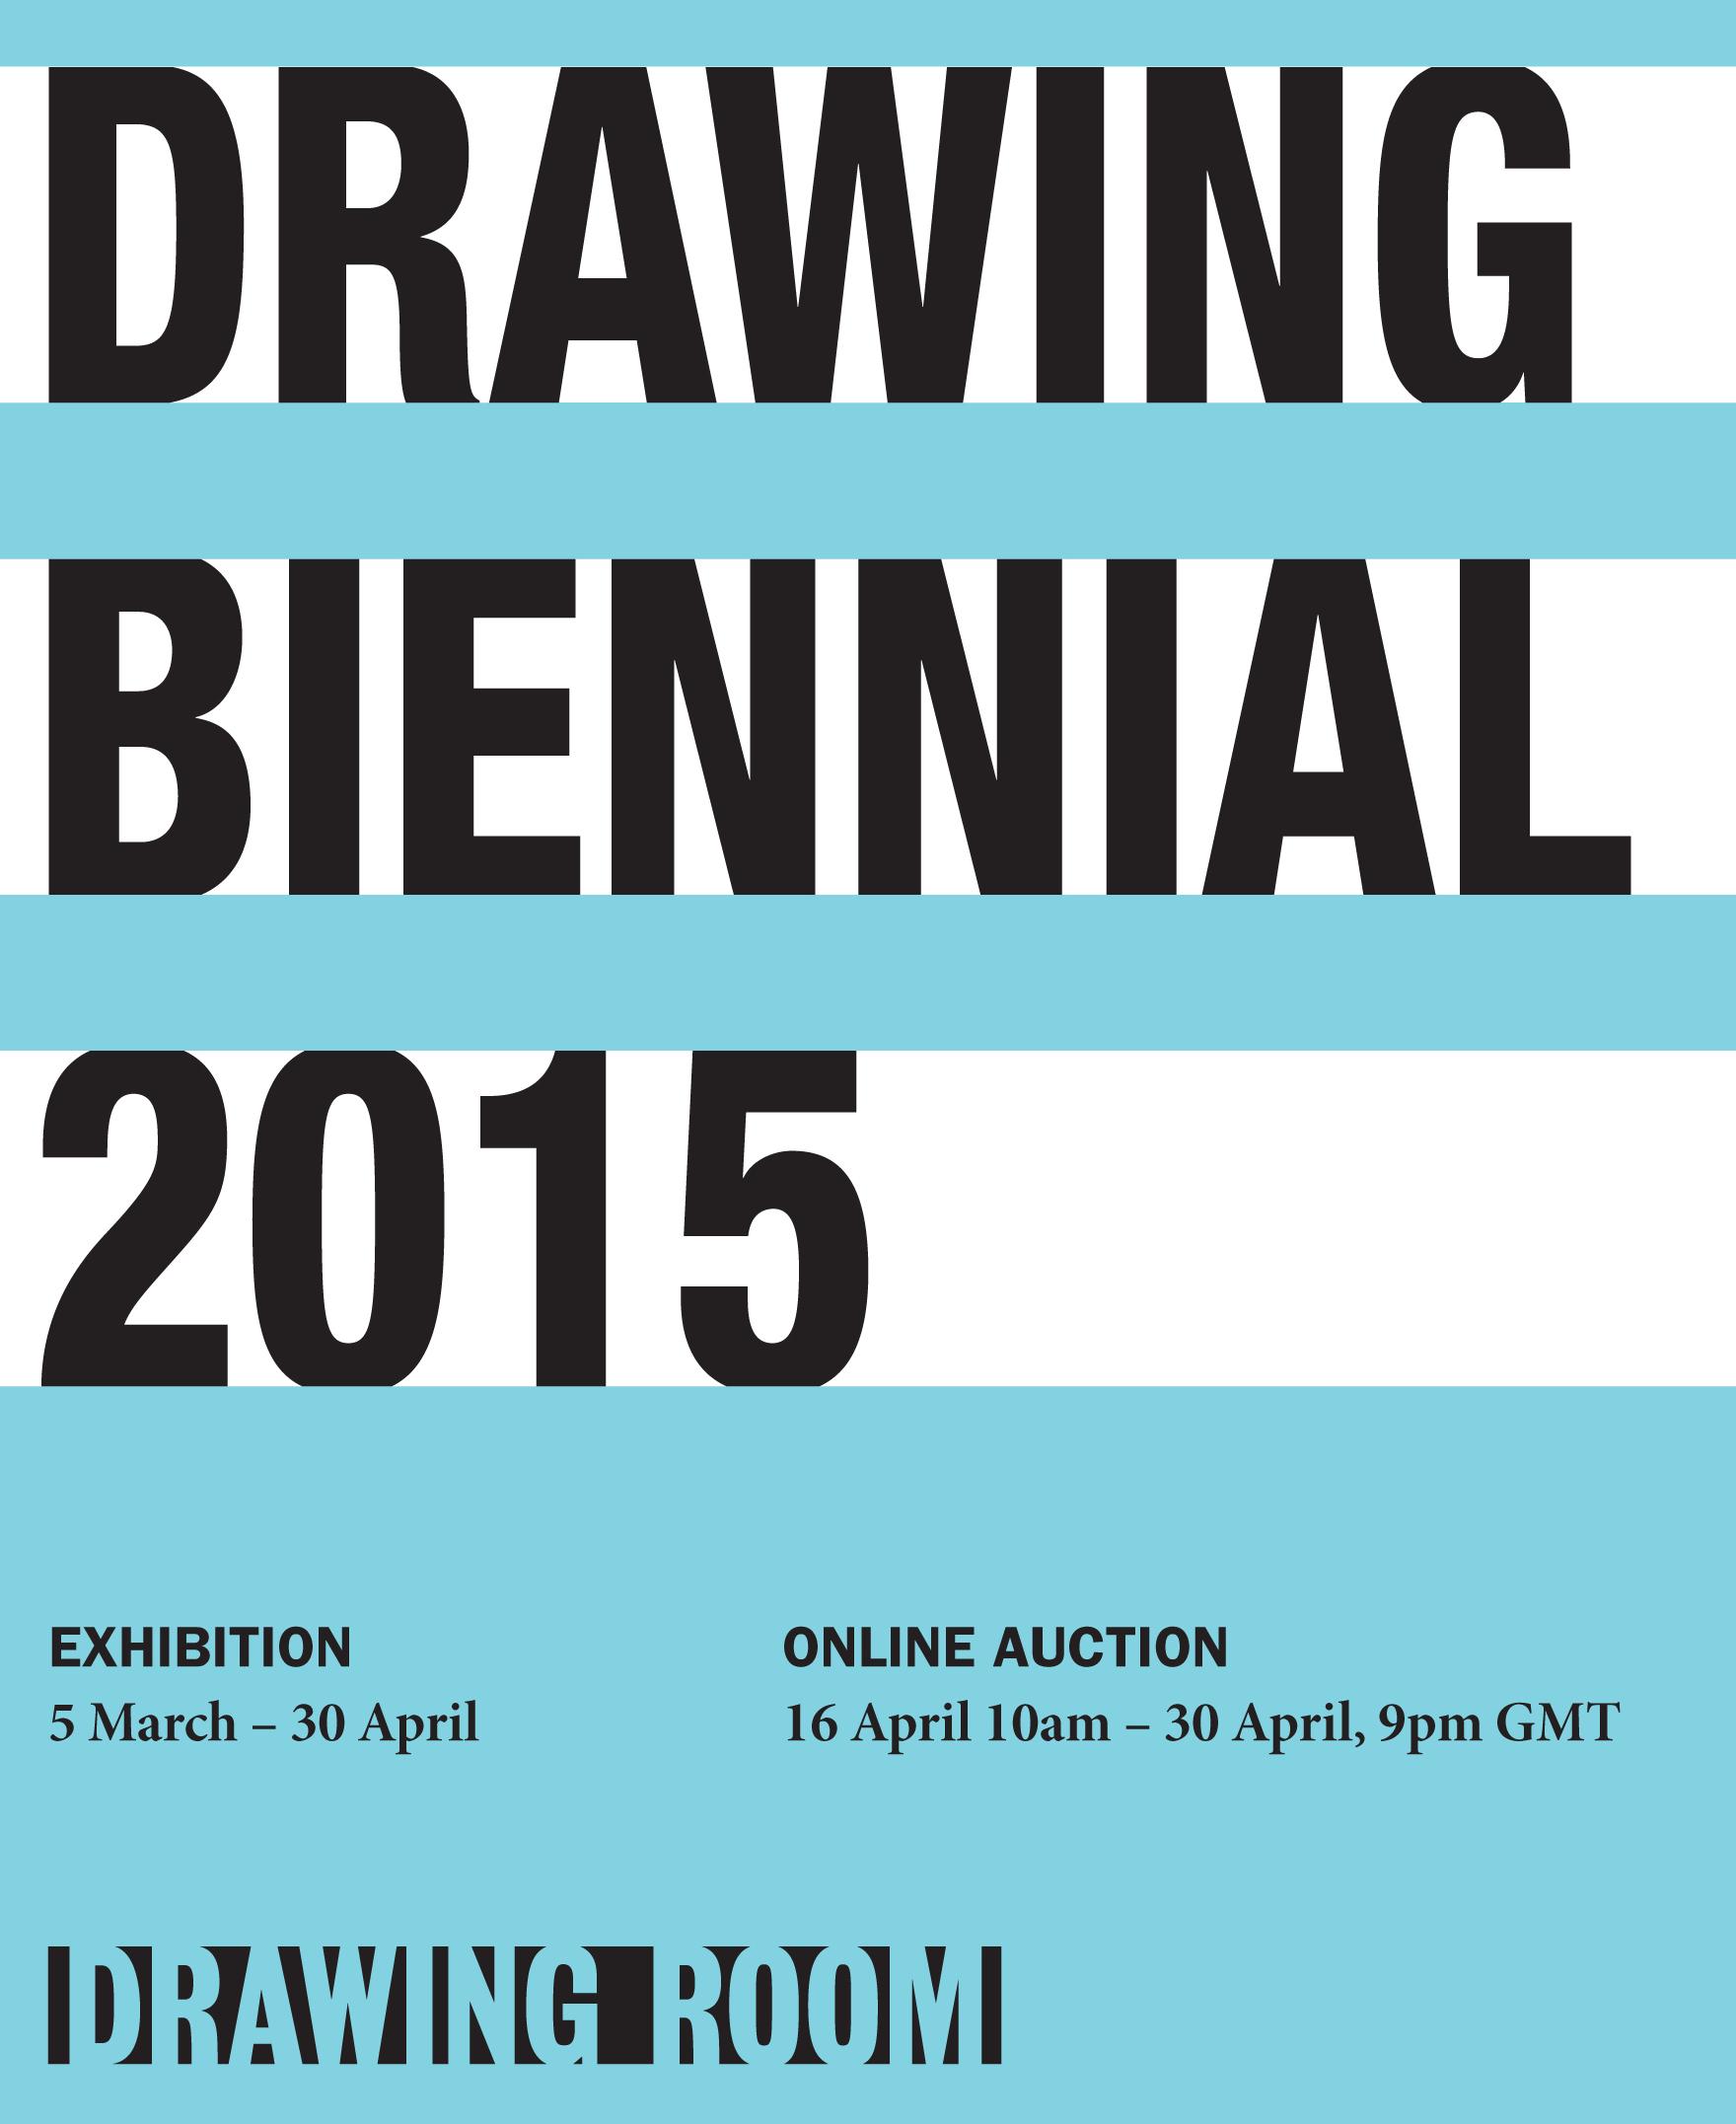 Drawing Biennal